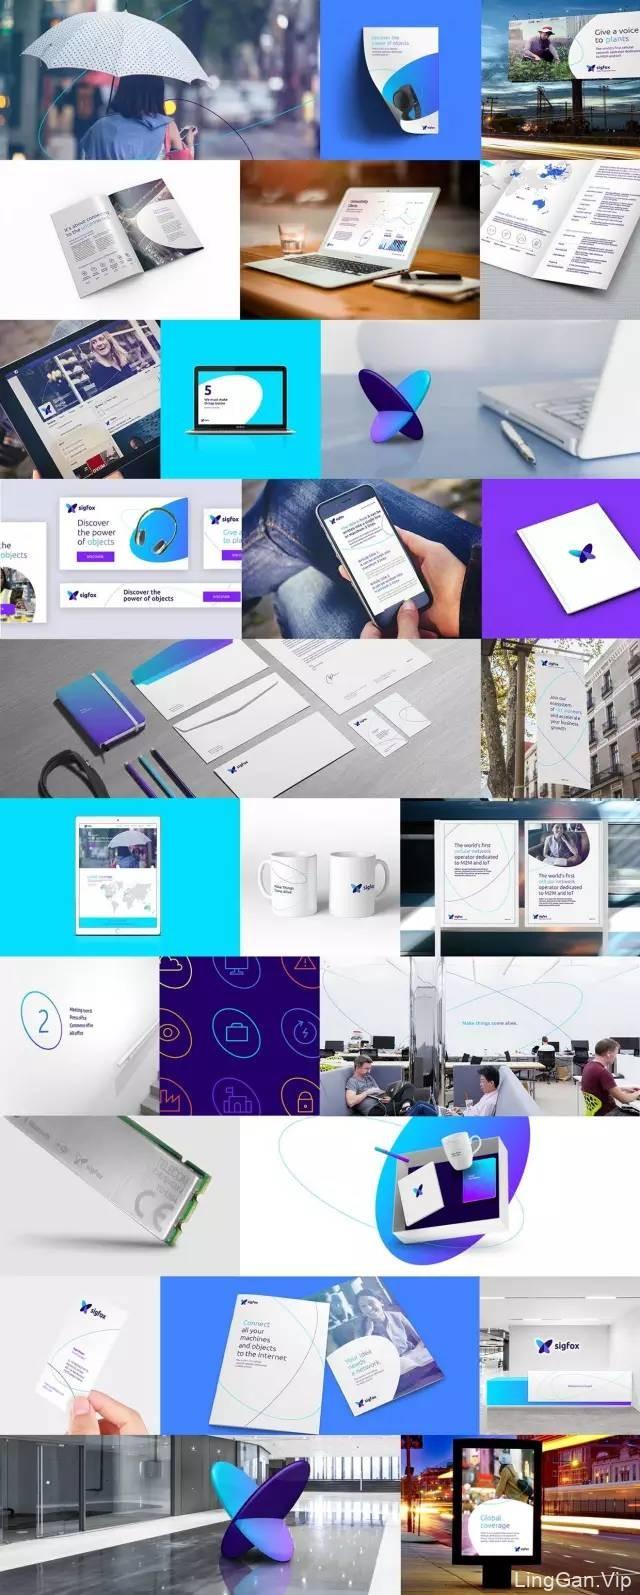 全球第一的物联网解决方案的公司(SigFox) 品牌形象升级